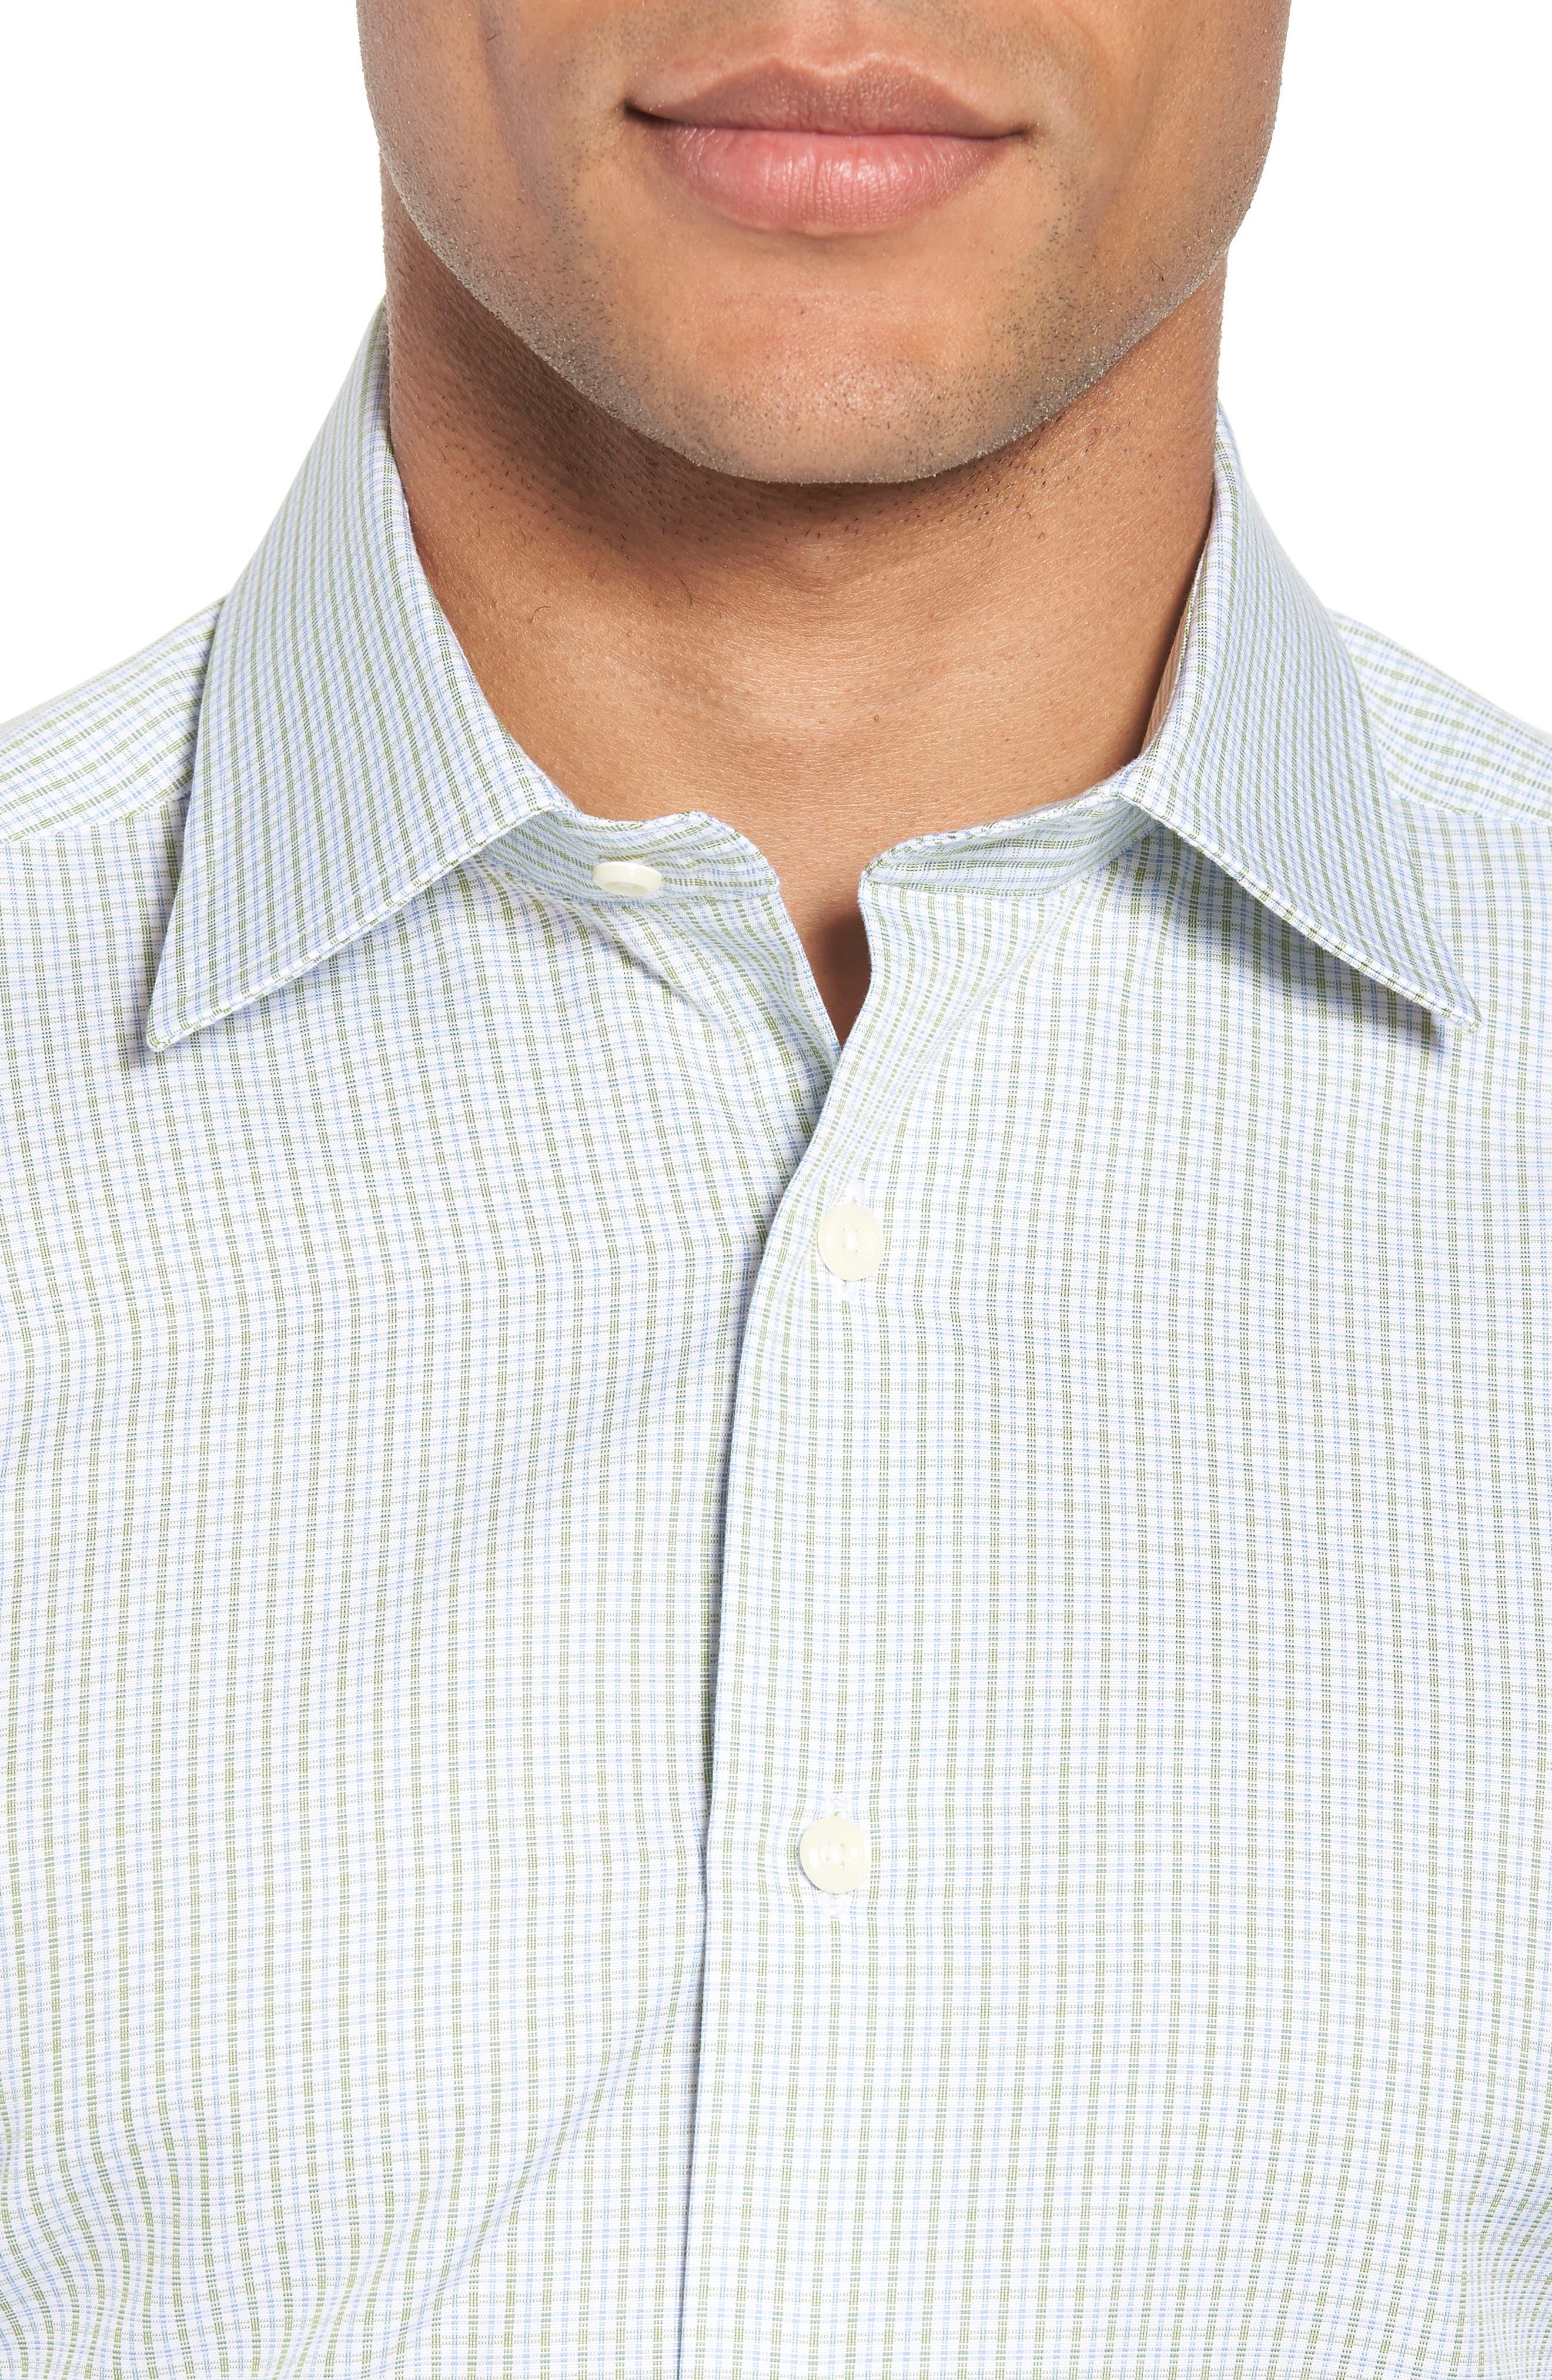 Trim Fit Check Dress Shirt,                             Alternate thumbnail 2, color,                             310